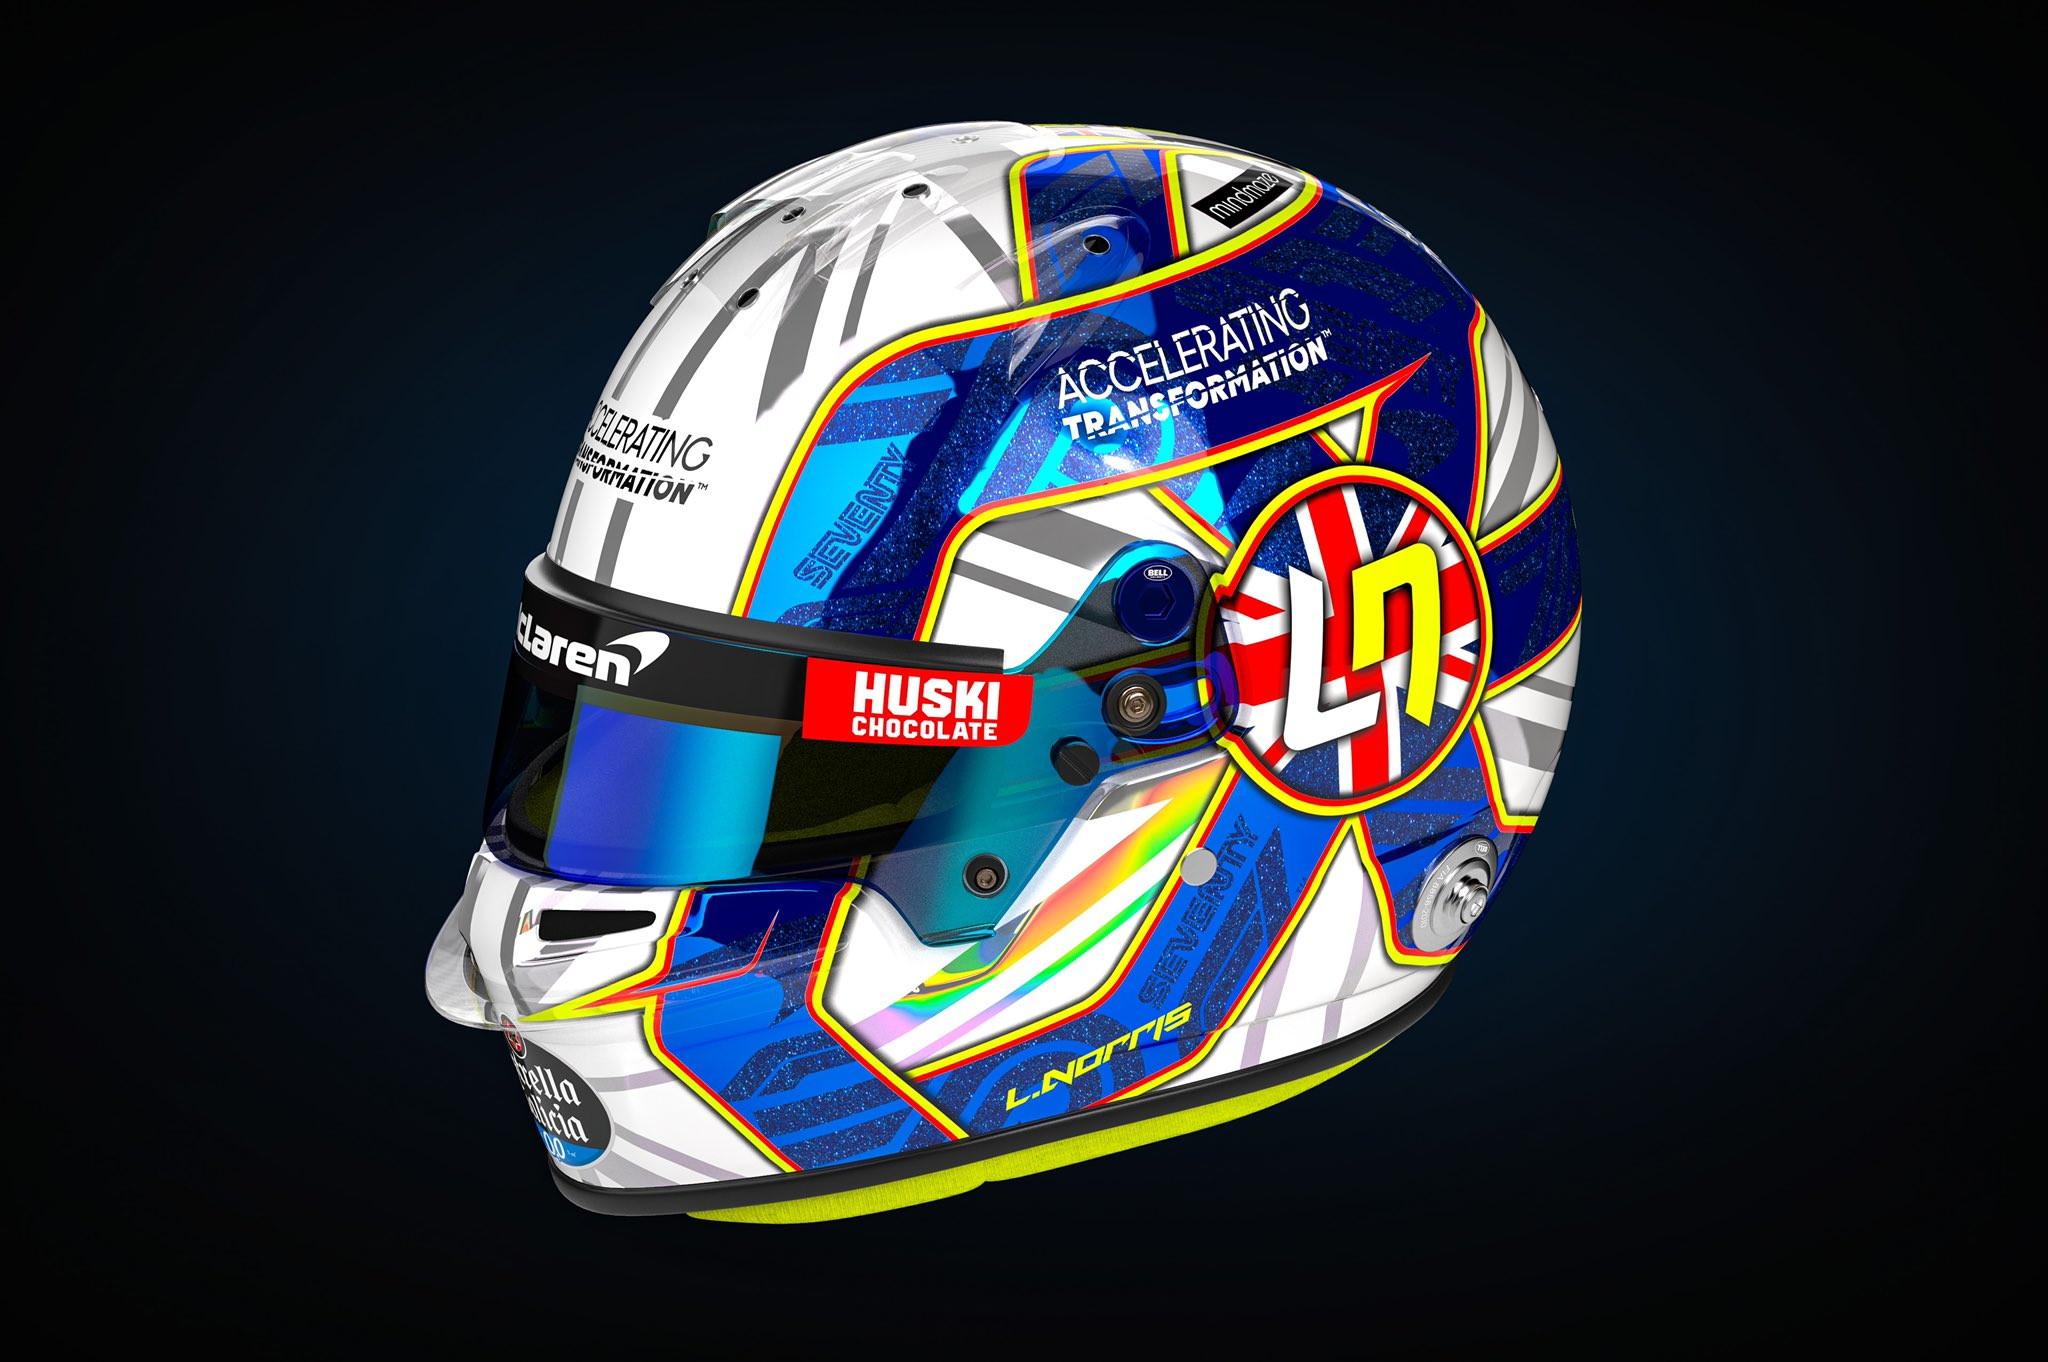 <p>Dopo il casco disegnato da una bambina di settimana scorsa, Lando Norris &egrave; tornato a indossare una livrea classica. Per il GP di casa e in occasione del 70.esimo compleanno della F1 l&#39;inglese ha optato per il blu e bianco glitterati.</p>